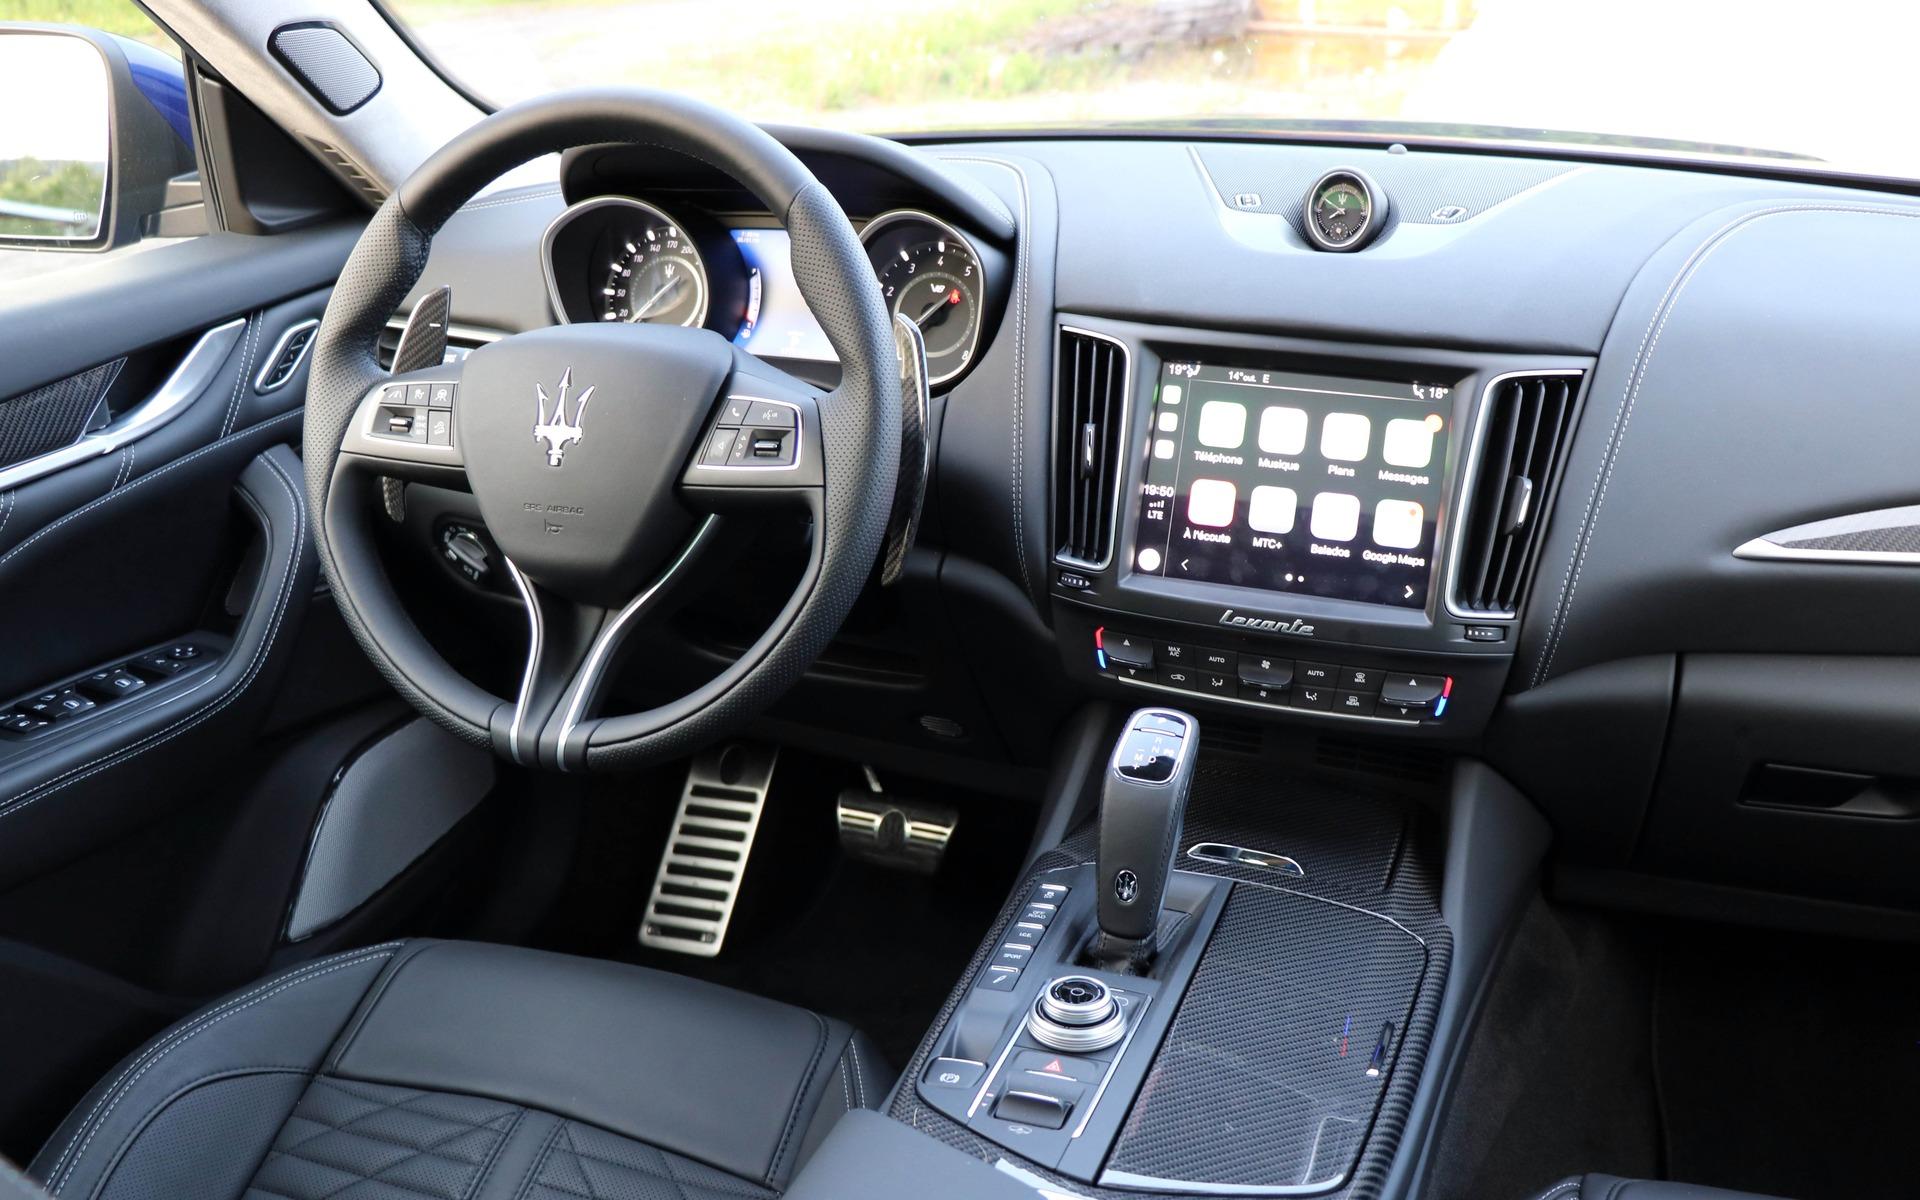 Maserati Levante GTS 2019 - imparfaite perfection 380588_Maserati_Levante_GTS_2019_-